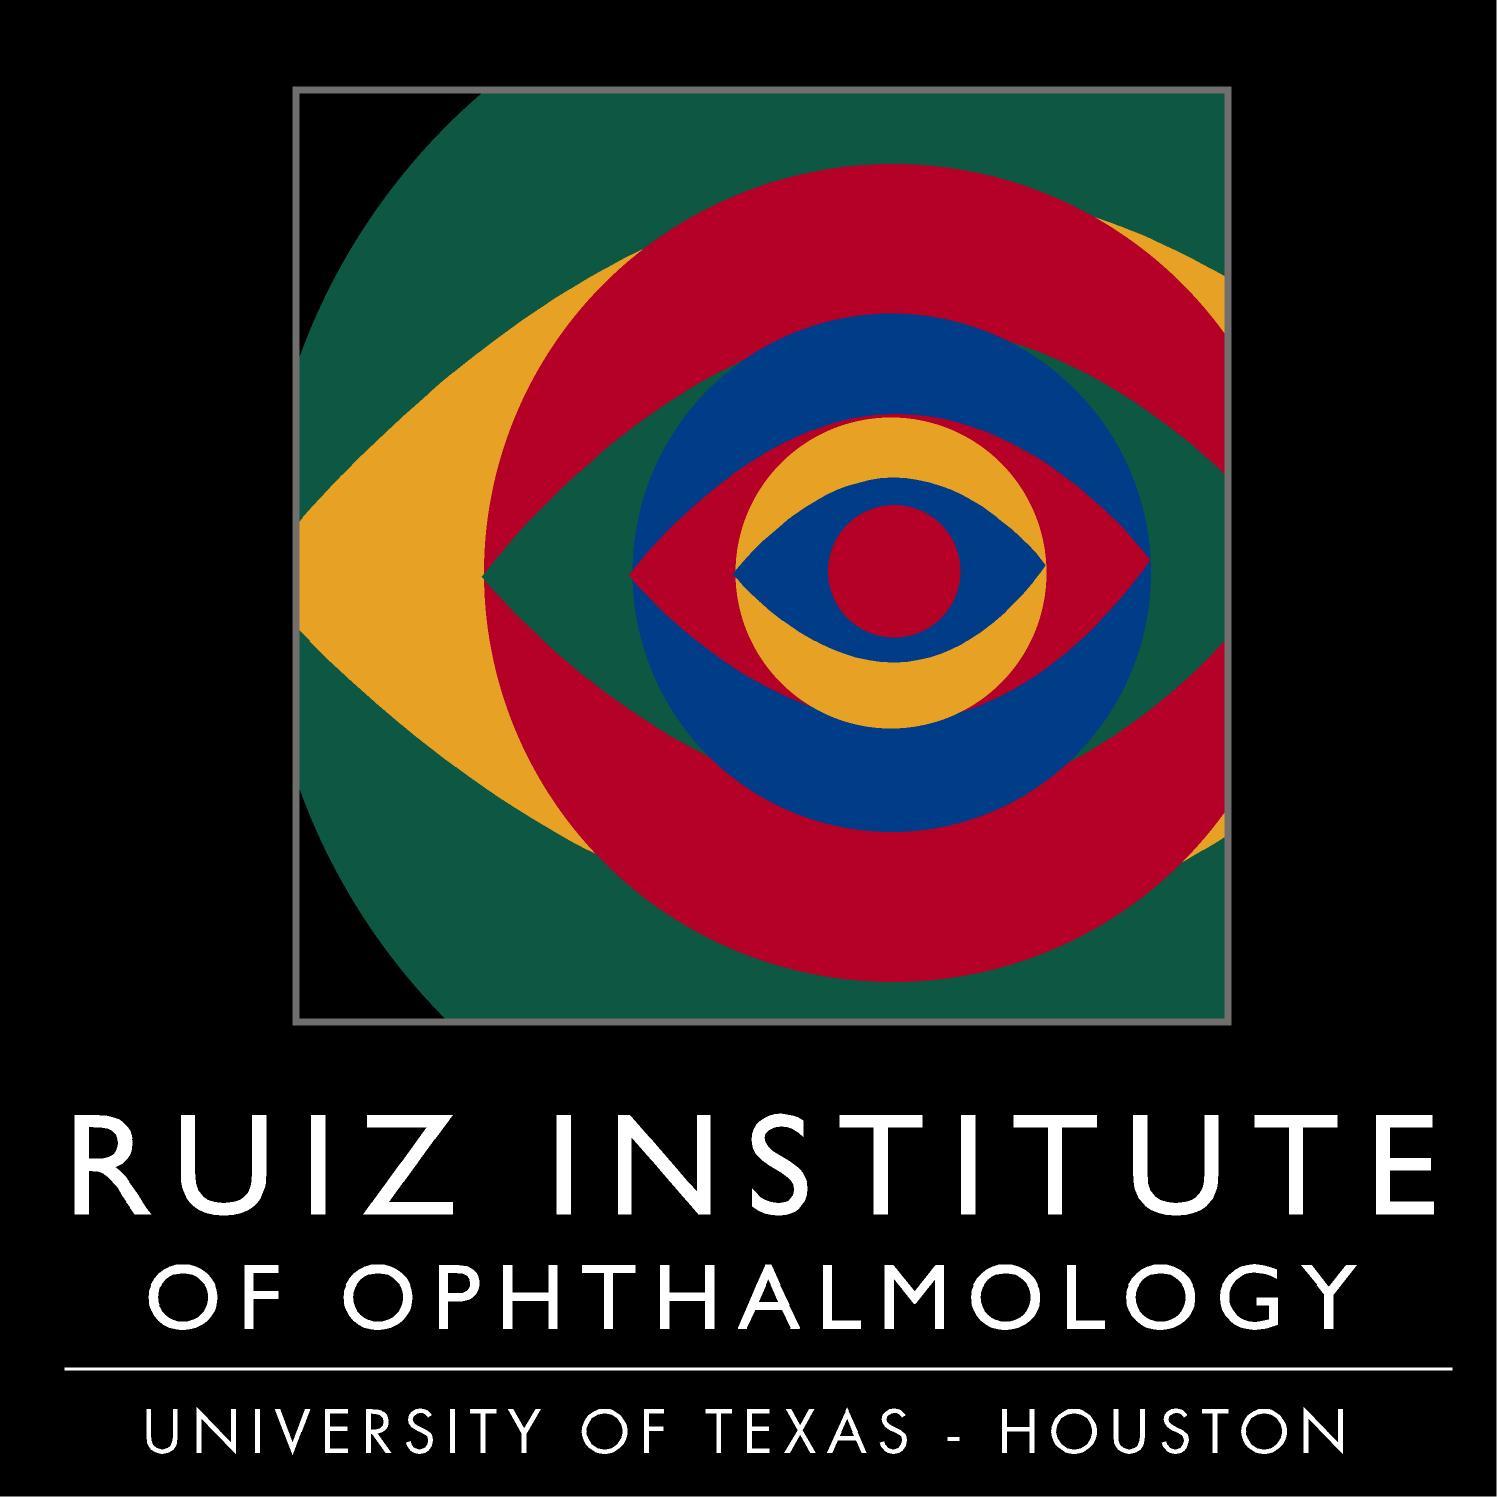 The Ruiz Institute